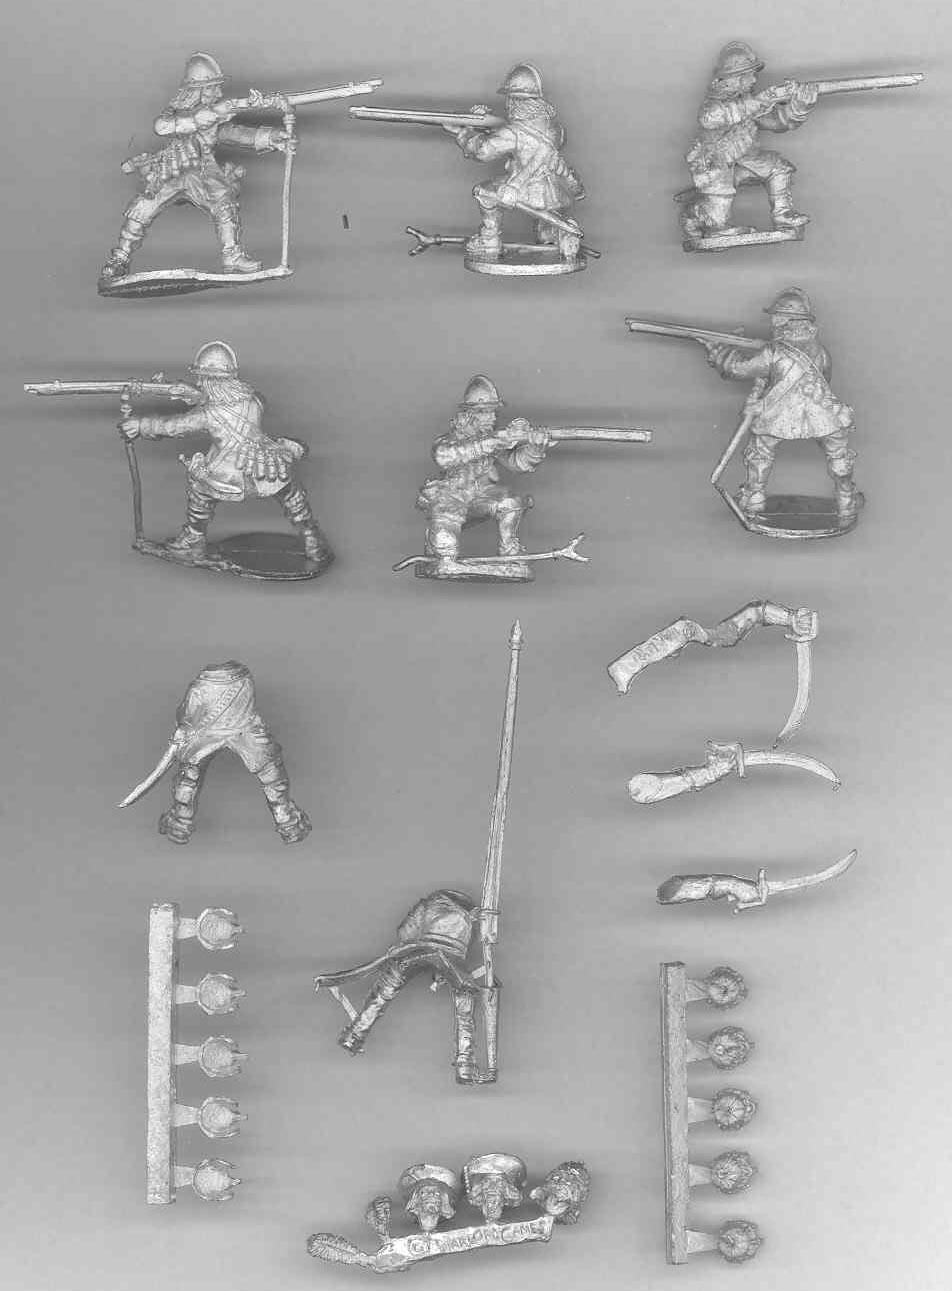 Egy zászlós és egy tiszt lovas figura. Tíz német és De Geer sisak. Valamint hat figura az úgynevezett commanded musket Gusztáv Adolf találmánya.